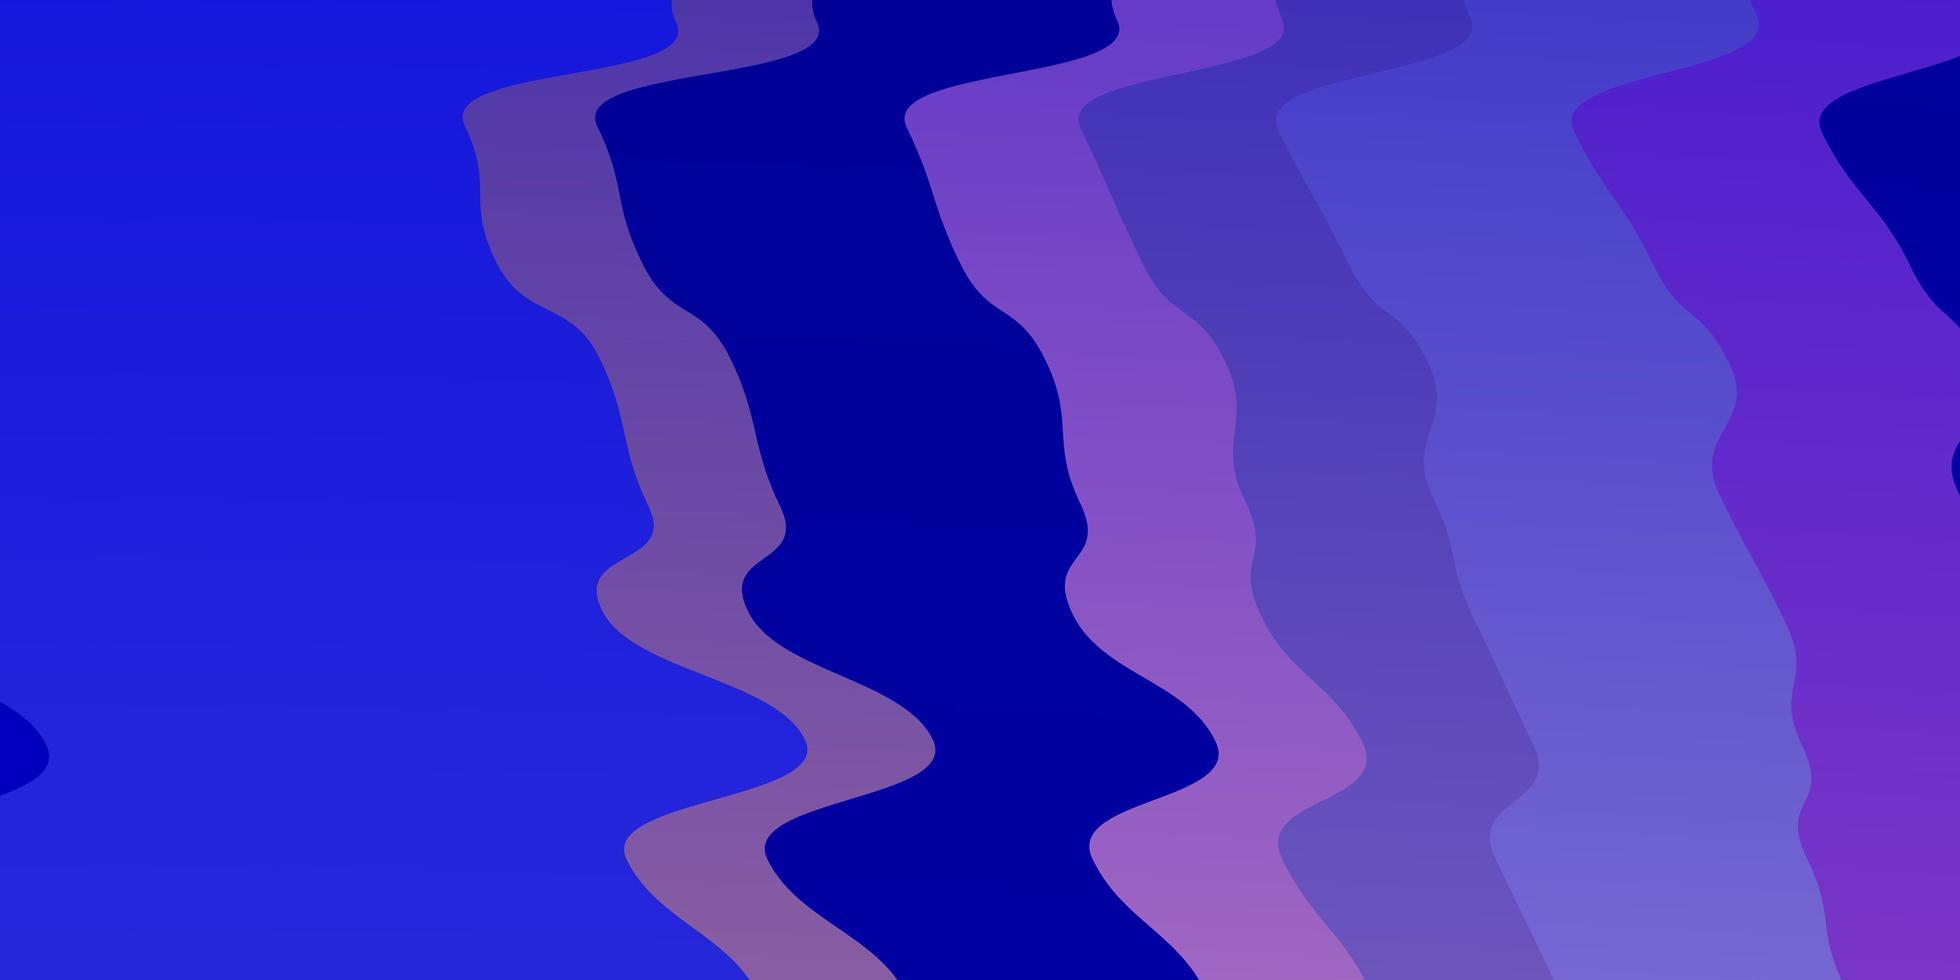 lichtroze, blauwe vectorlay-out met curven. vector